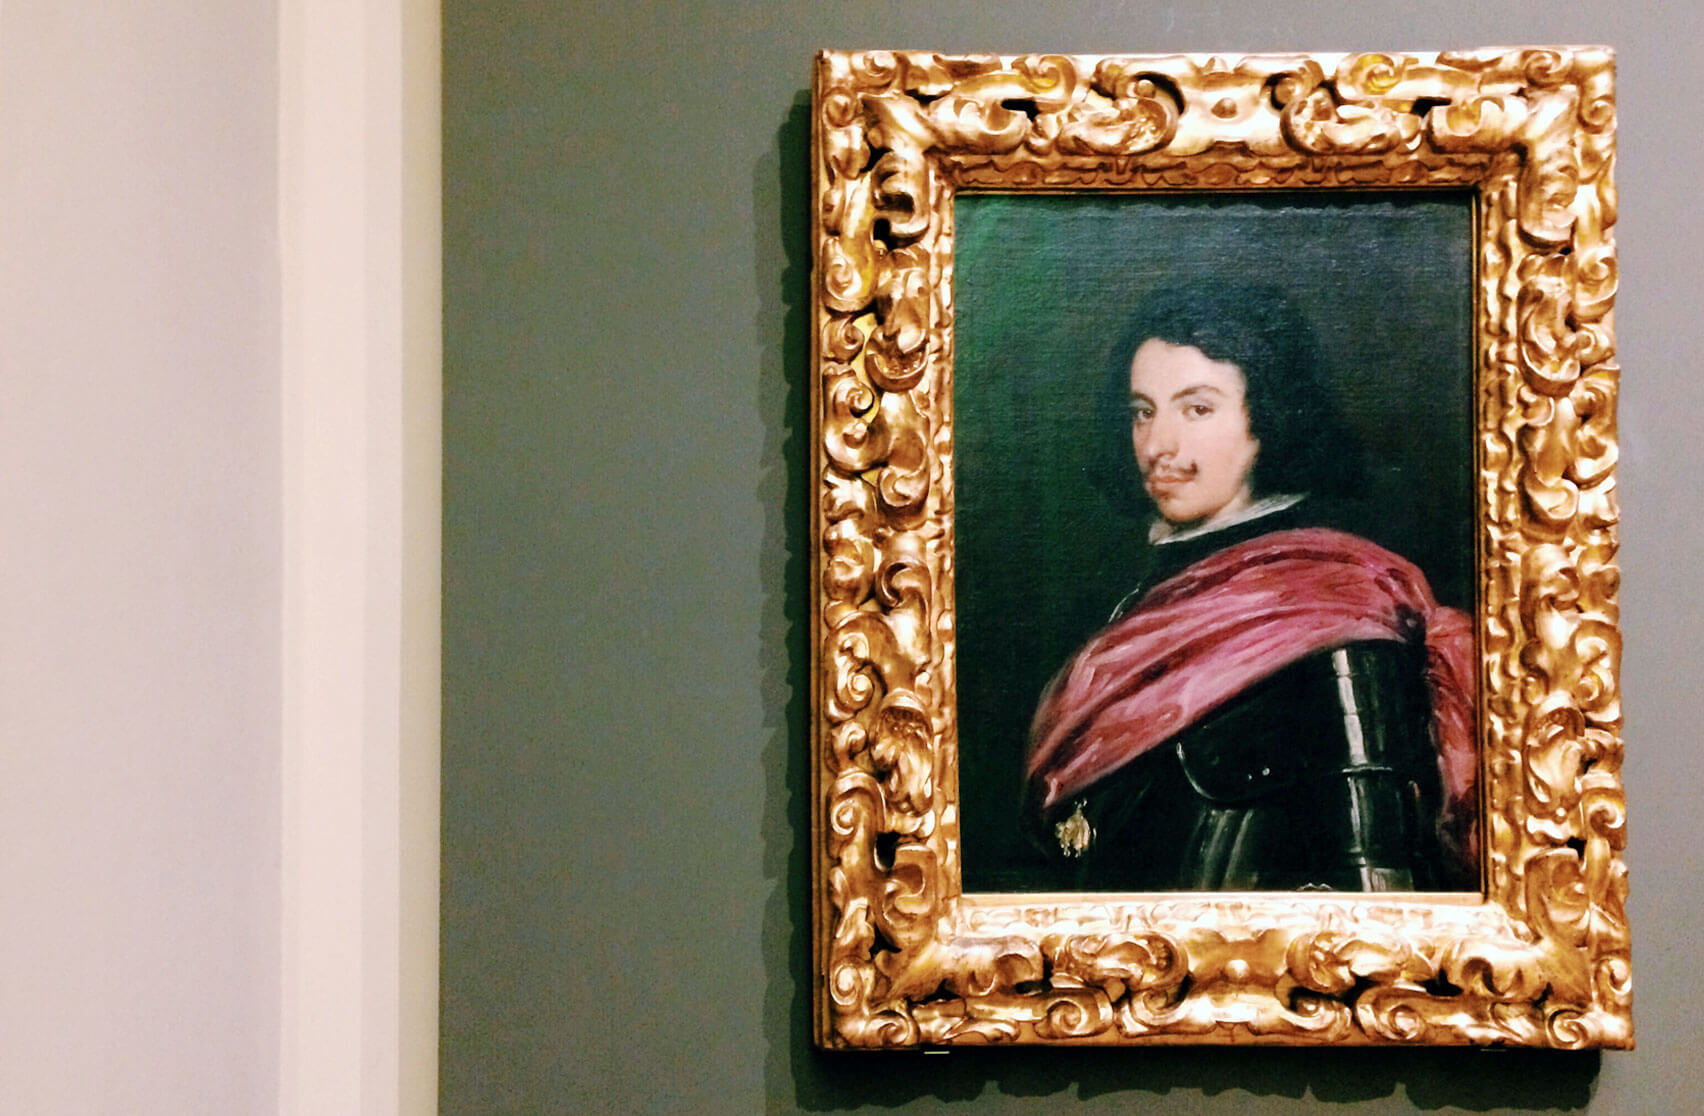 Estense Gallery - Portrait of Francesco I d'Este by Velazquez